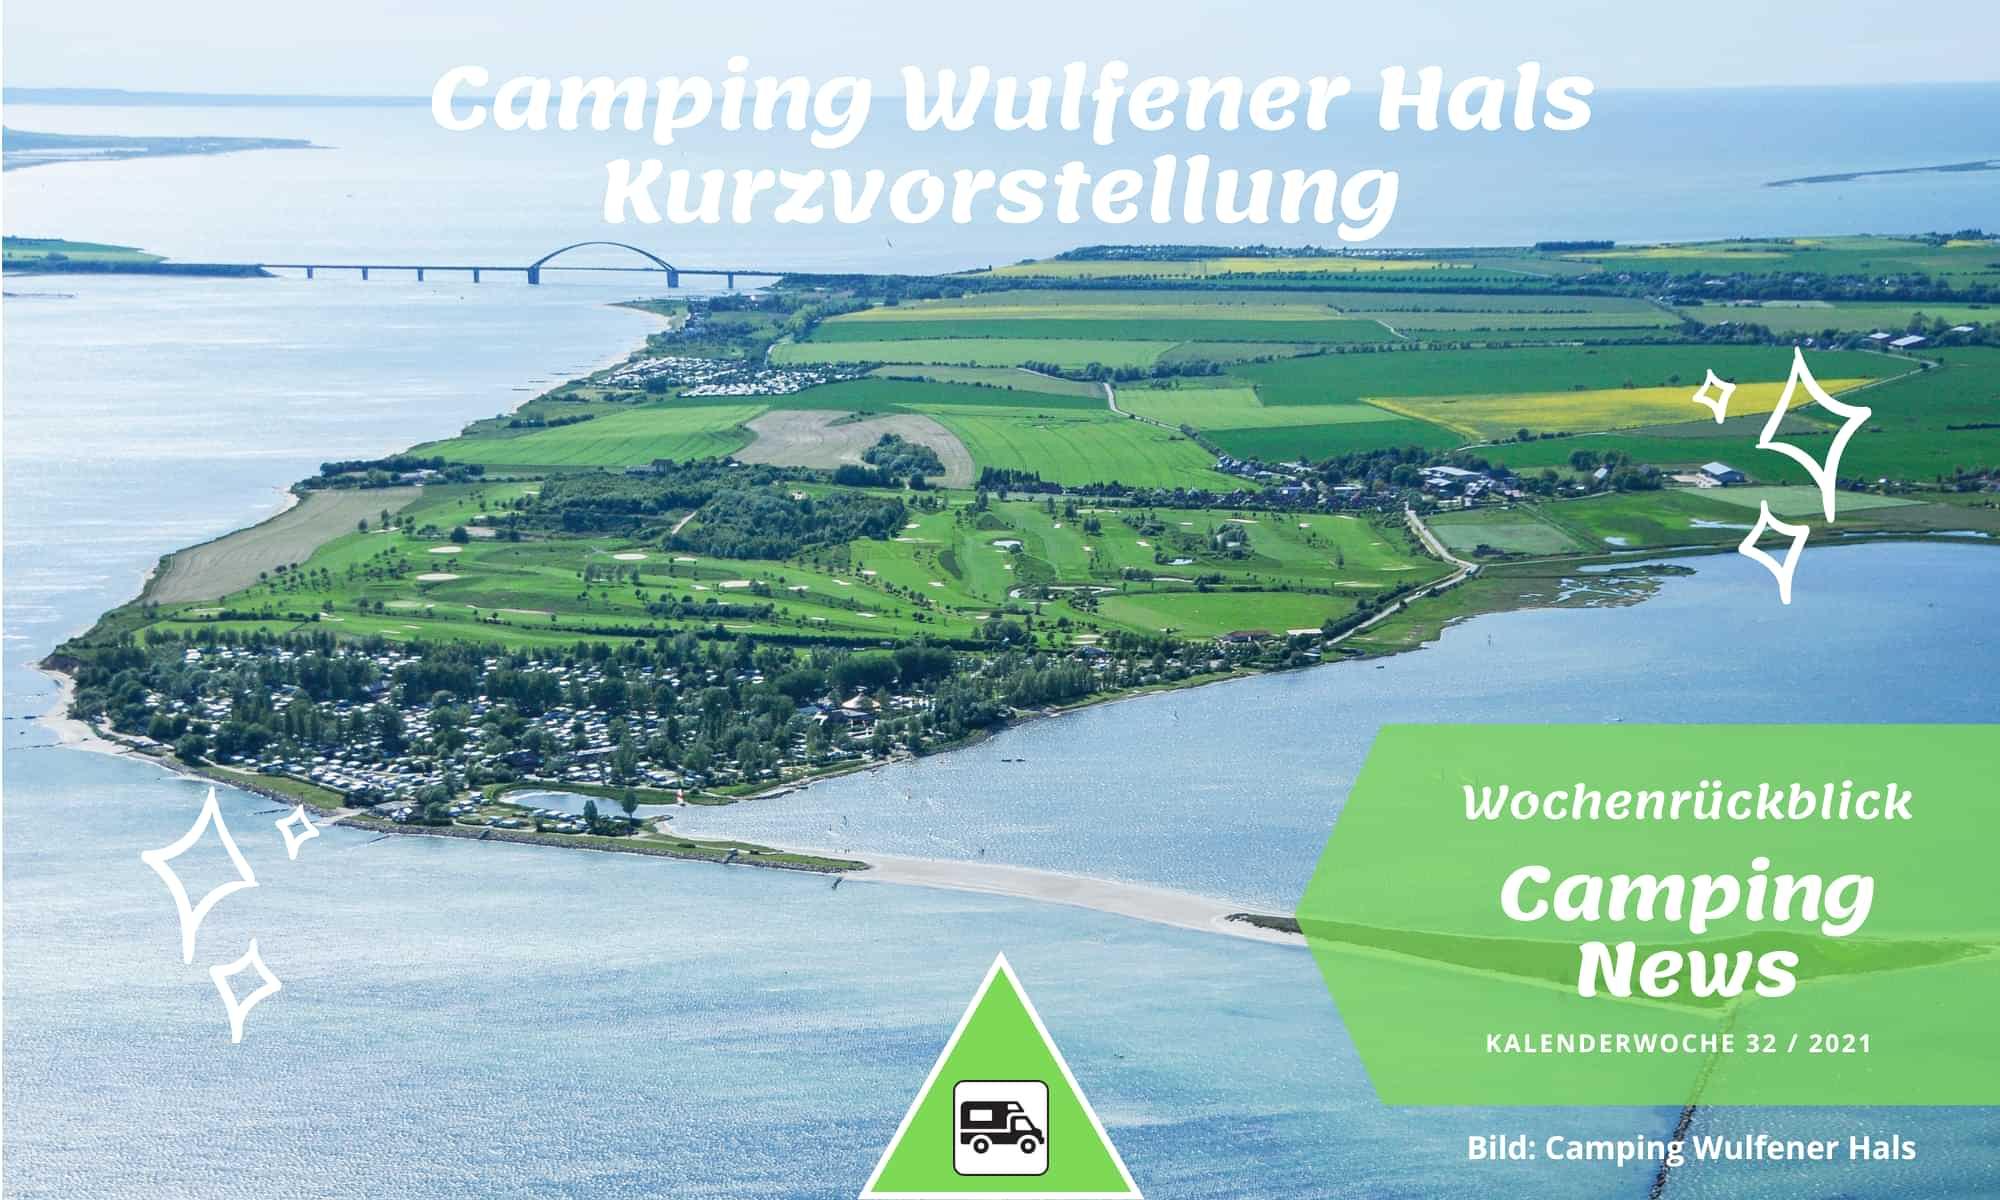 Camping Wulfener Hals Kurzvorstellung